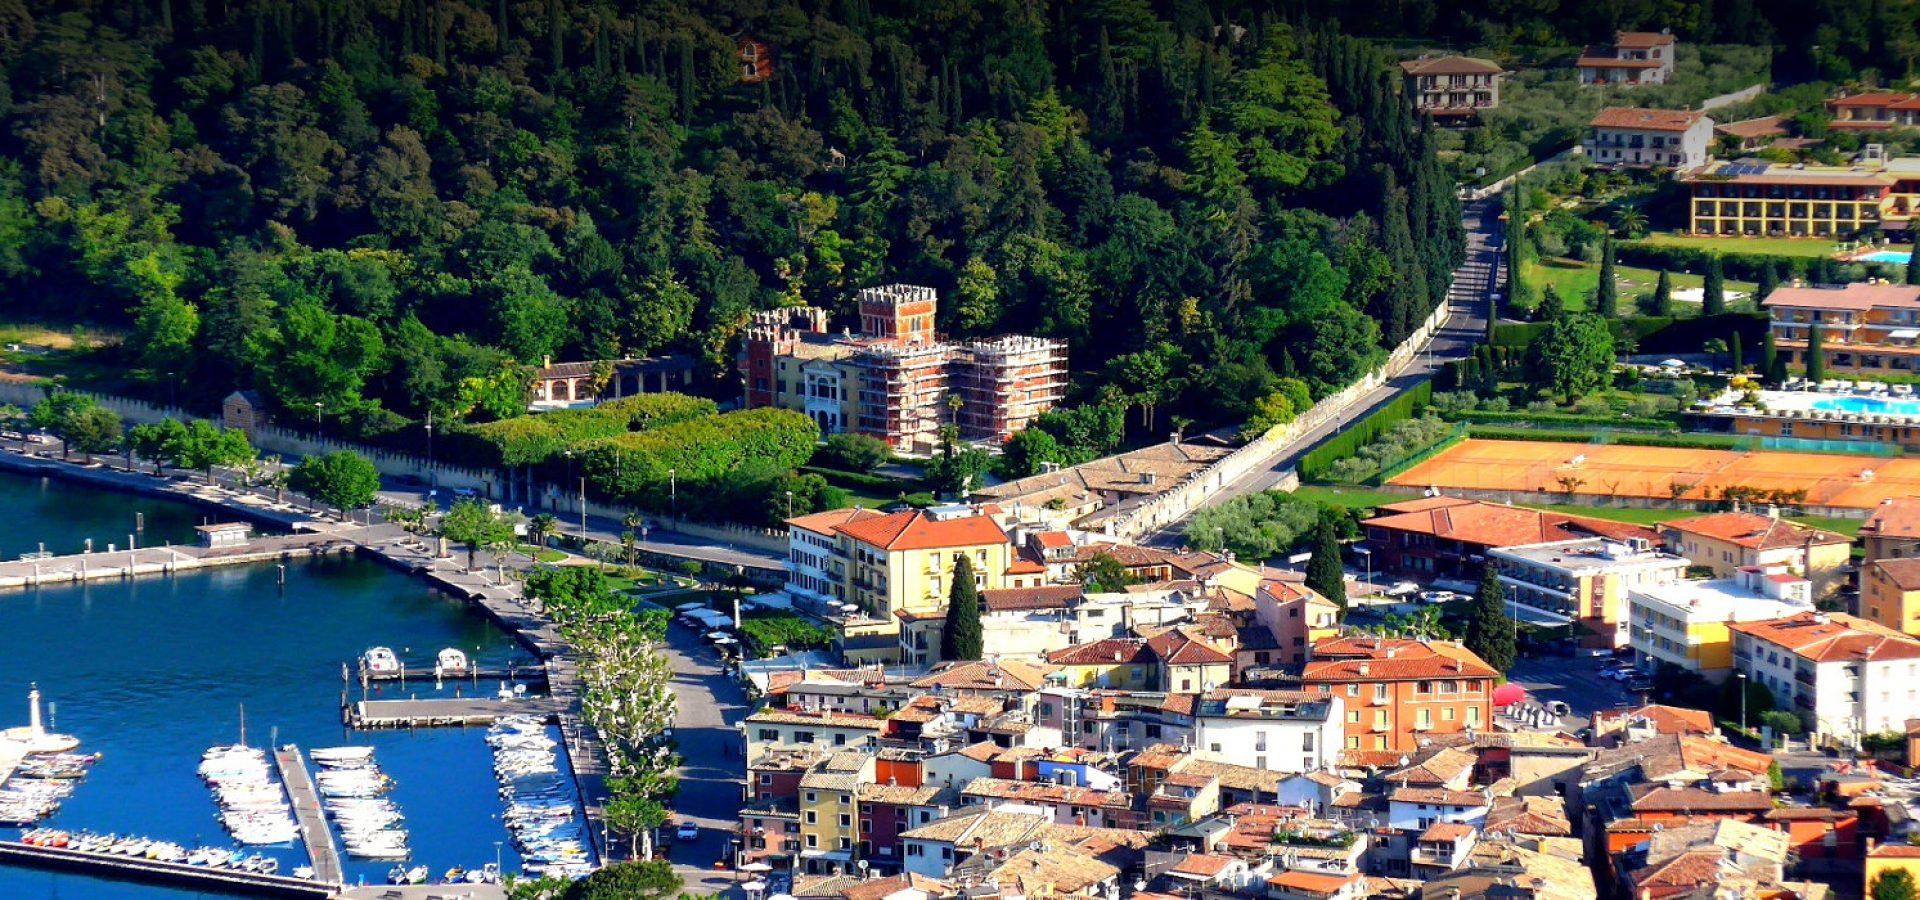 hotel-degli-ulivi-lago-di-garda